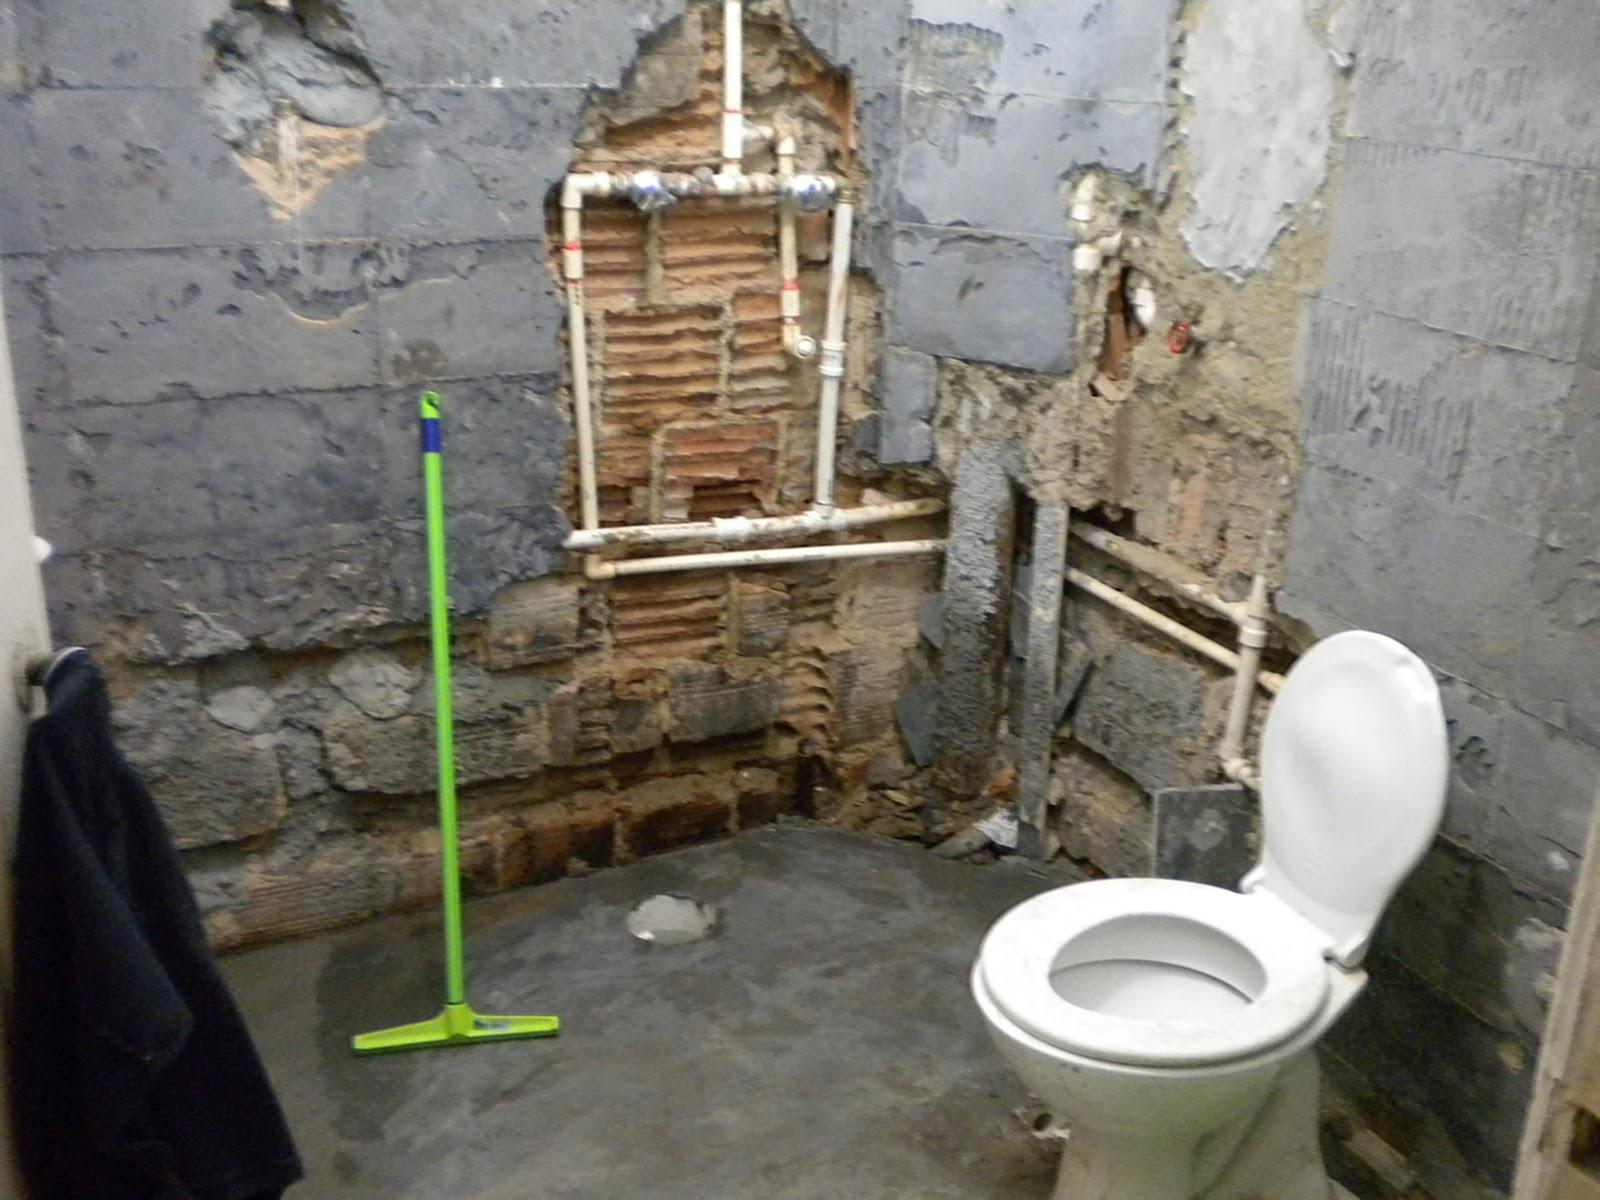 quinta feira 24 de fevereiro de 2011 #699B30 1600x1200 Altura Pontos Hidraulicos Banheiro